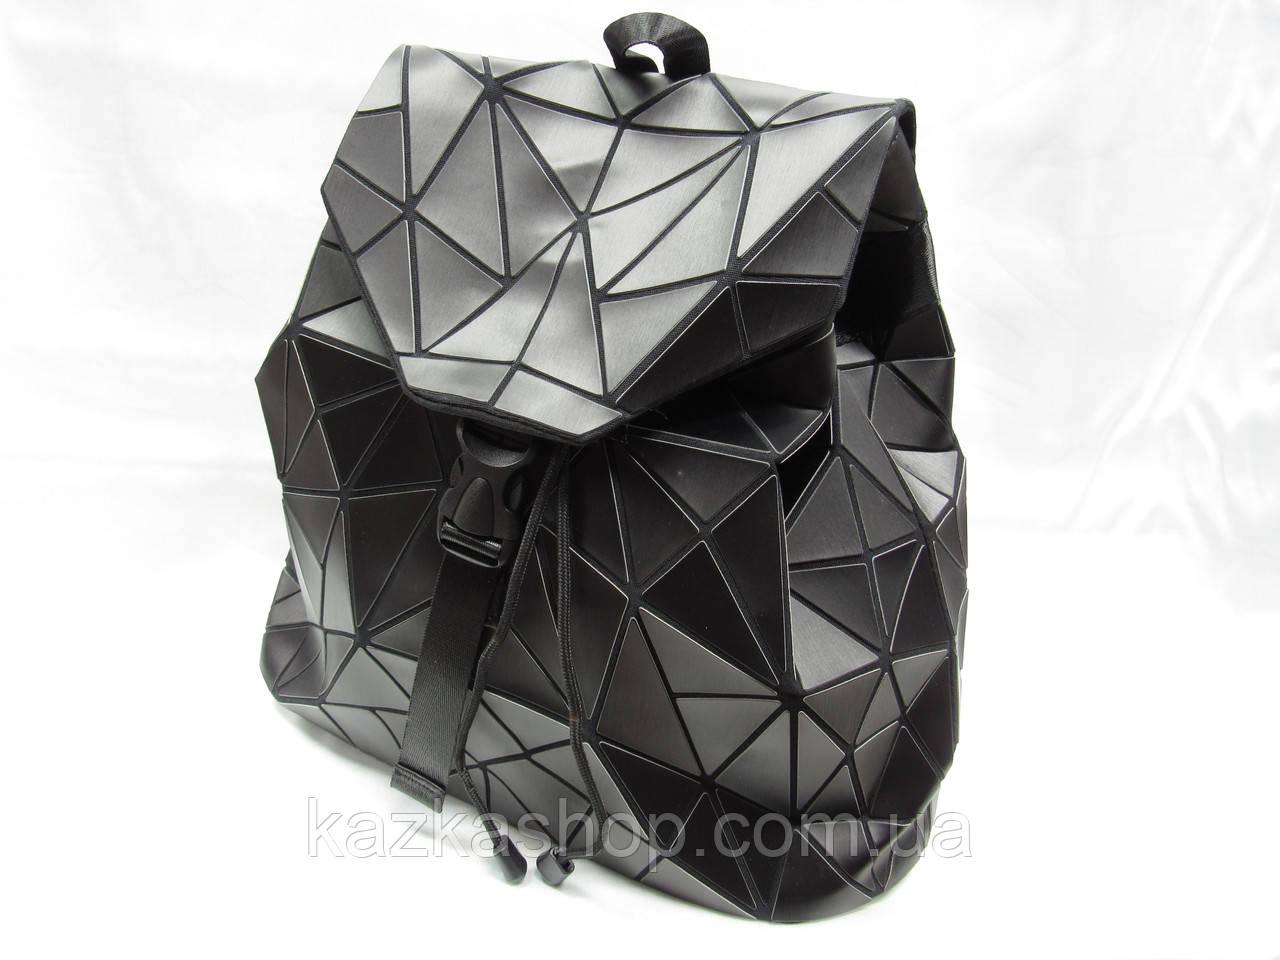 Стильный женский рюкзак ромбами из искусственной кожи на один отдел, регулируемые лямки